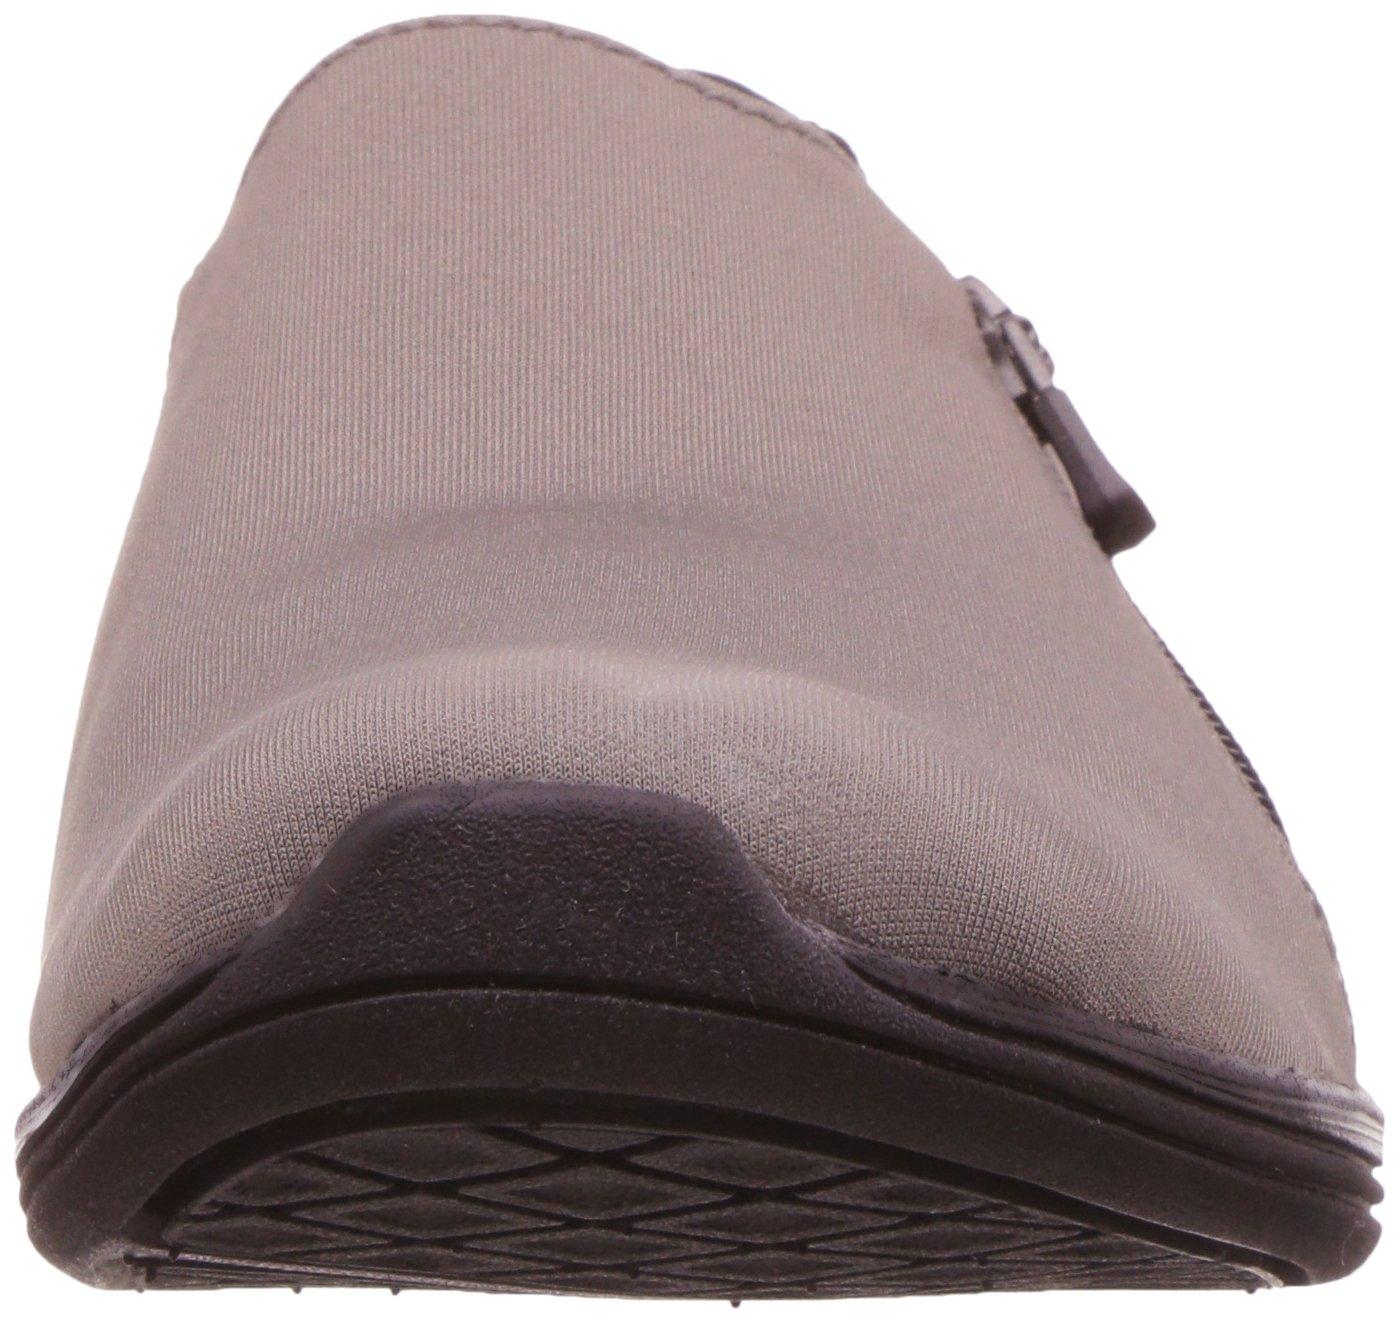 Aerosoles A2 B06Y495ZVX by Women's Envelope Flat B06Y495ZVX A2 7.5 M US Grey Fabric db8232